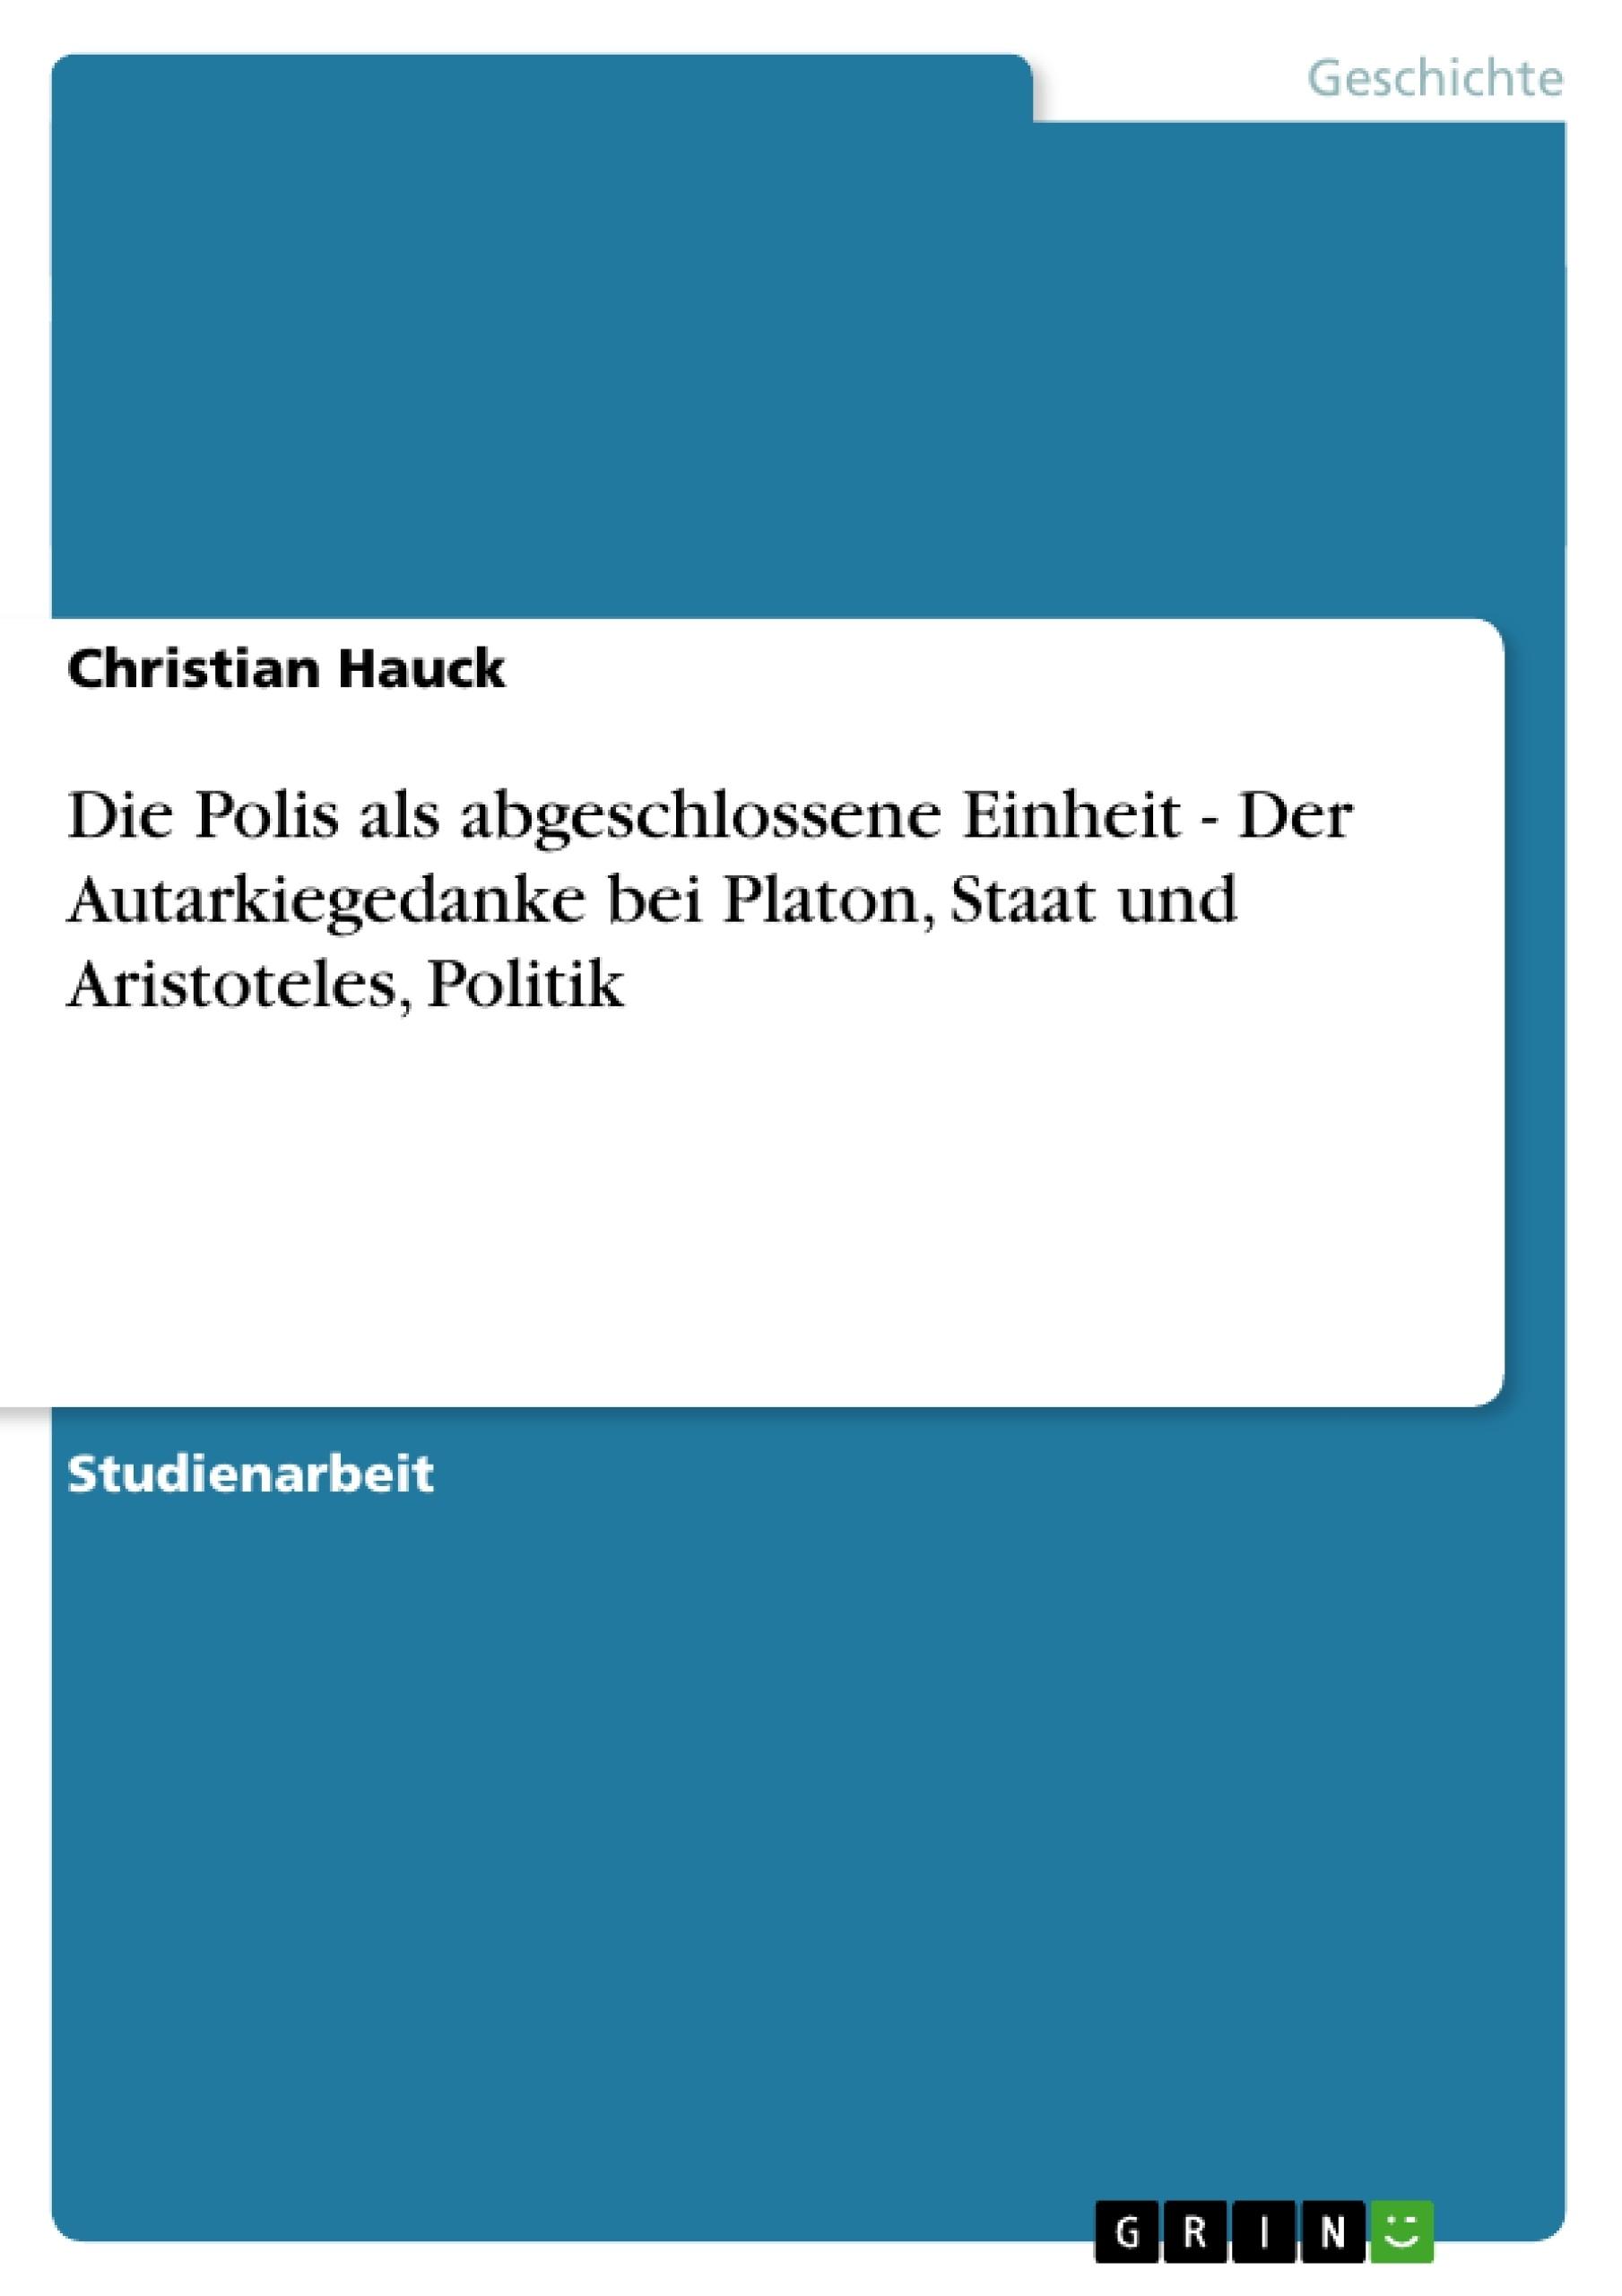 Titel: Die Polis als abgeschlossene Einheit - Der Autarkiegedanke bei Platon, Staat und Aristoteles, Politik